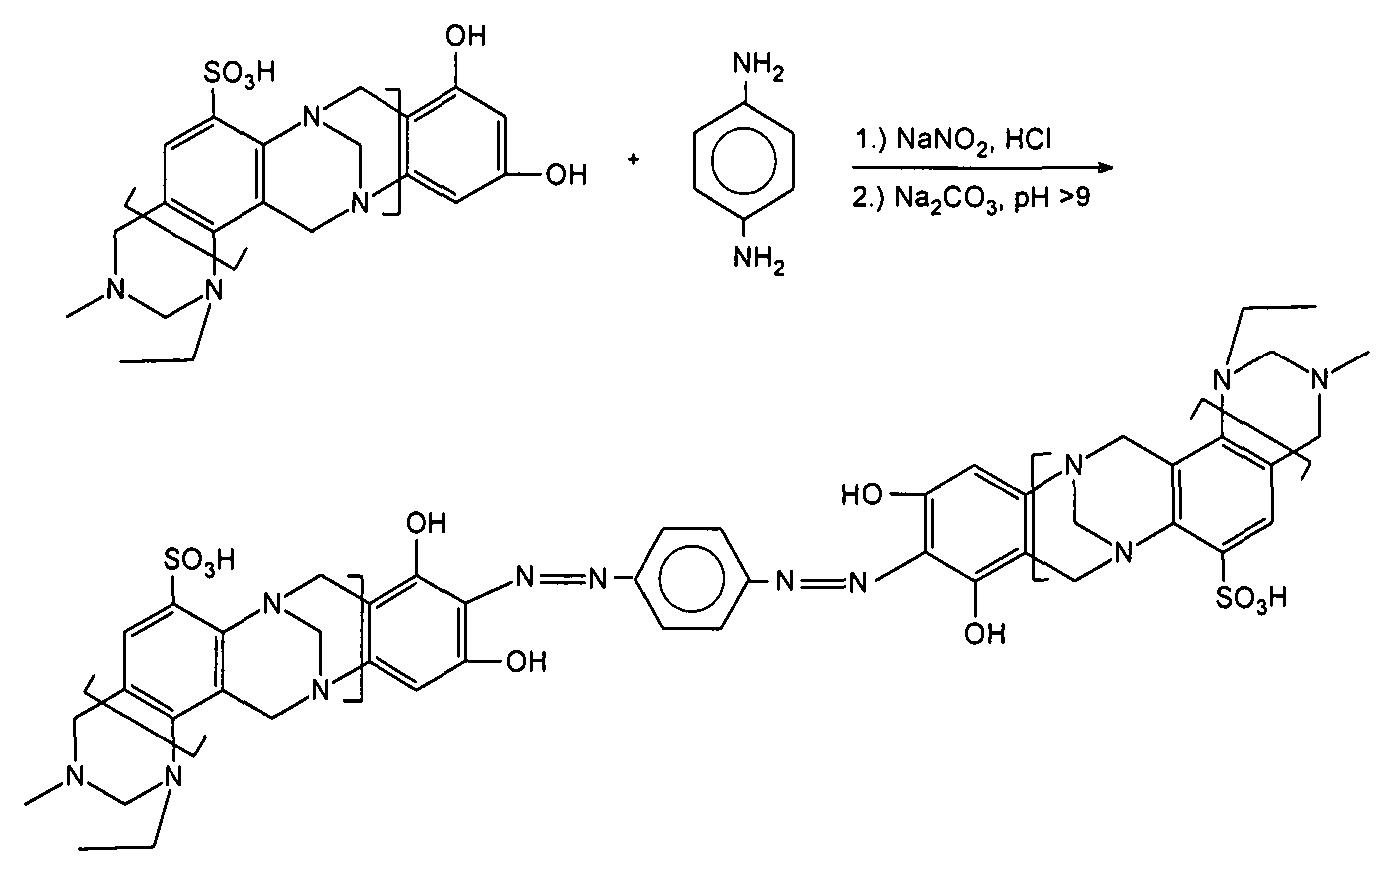 Figure DE112016005378T5_0061